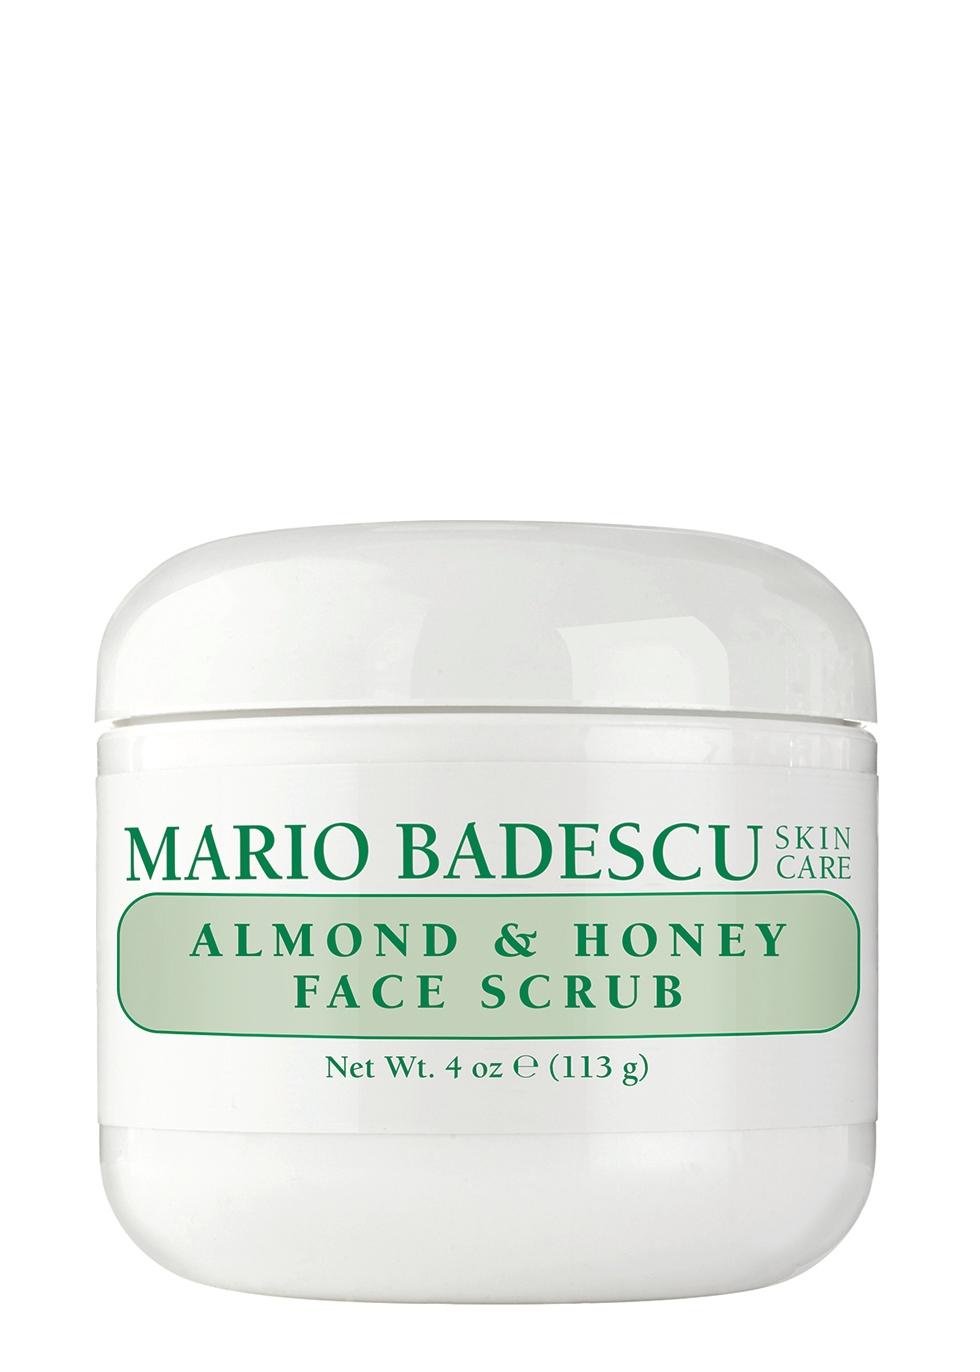 Almond & Honey Non-Abrasive Face Scrub 113g